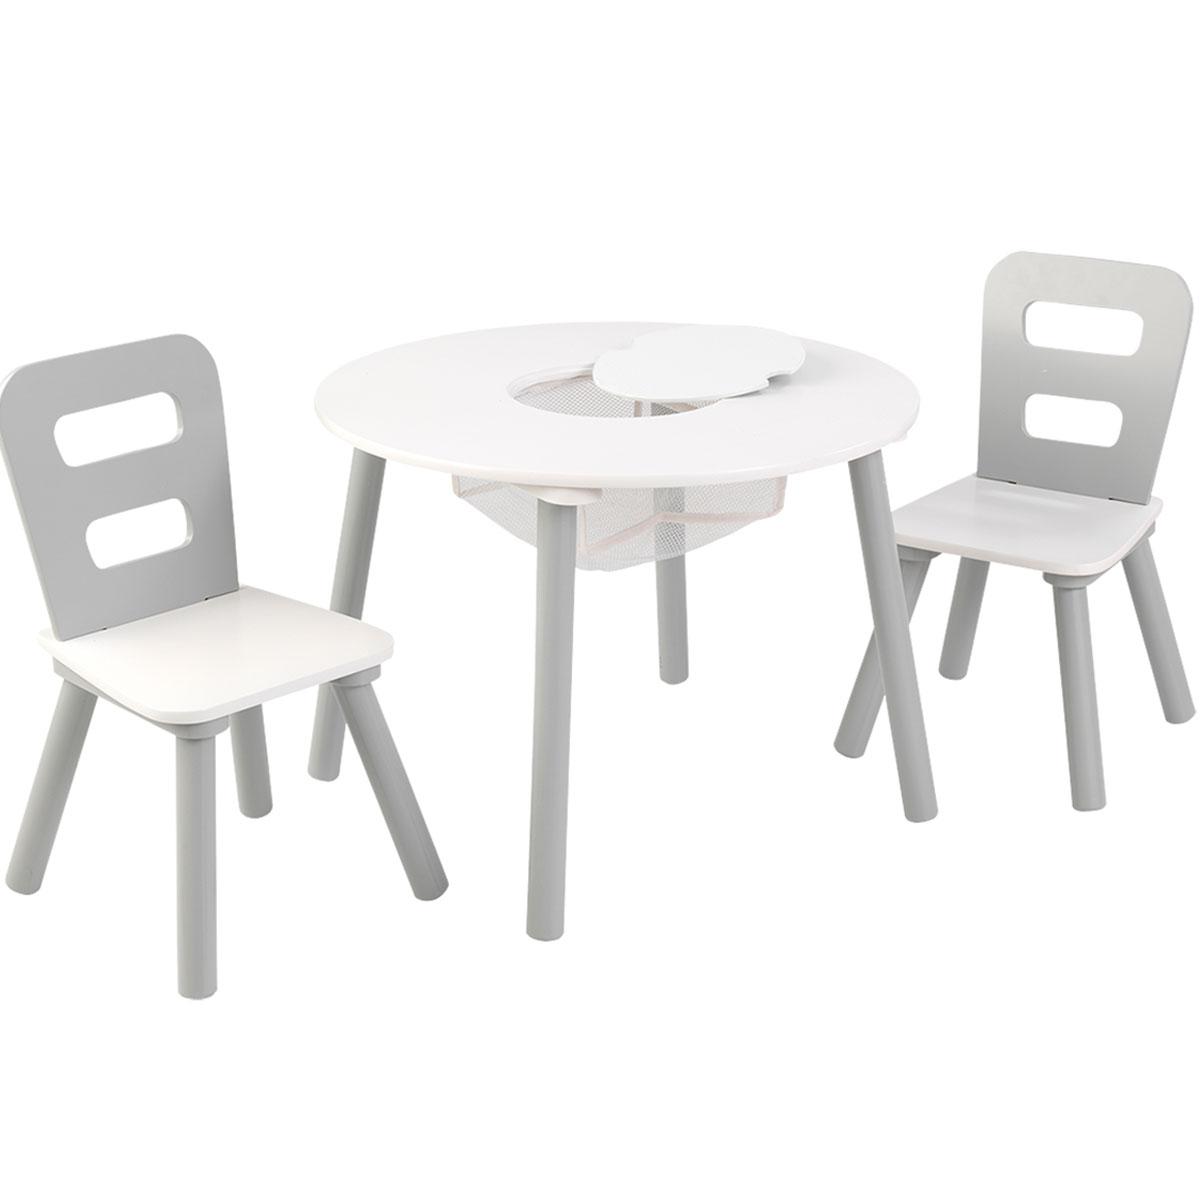 Stühle weiß grau  KidKraft Runder Aufbewahrungstisch mit zwei Stühlen - 26166